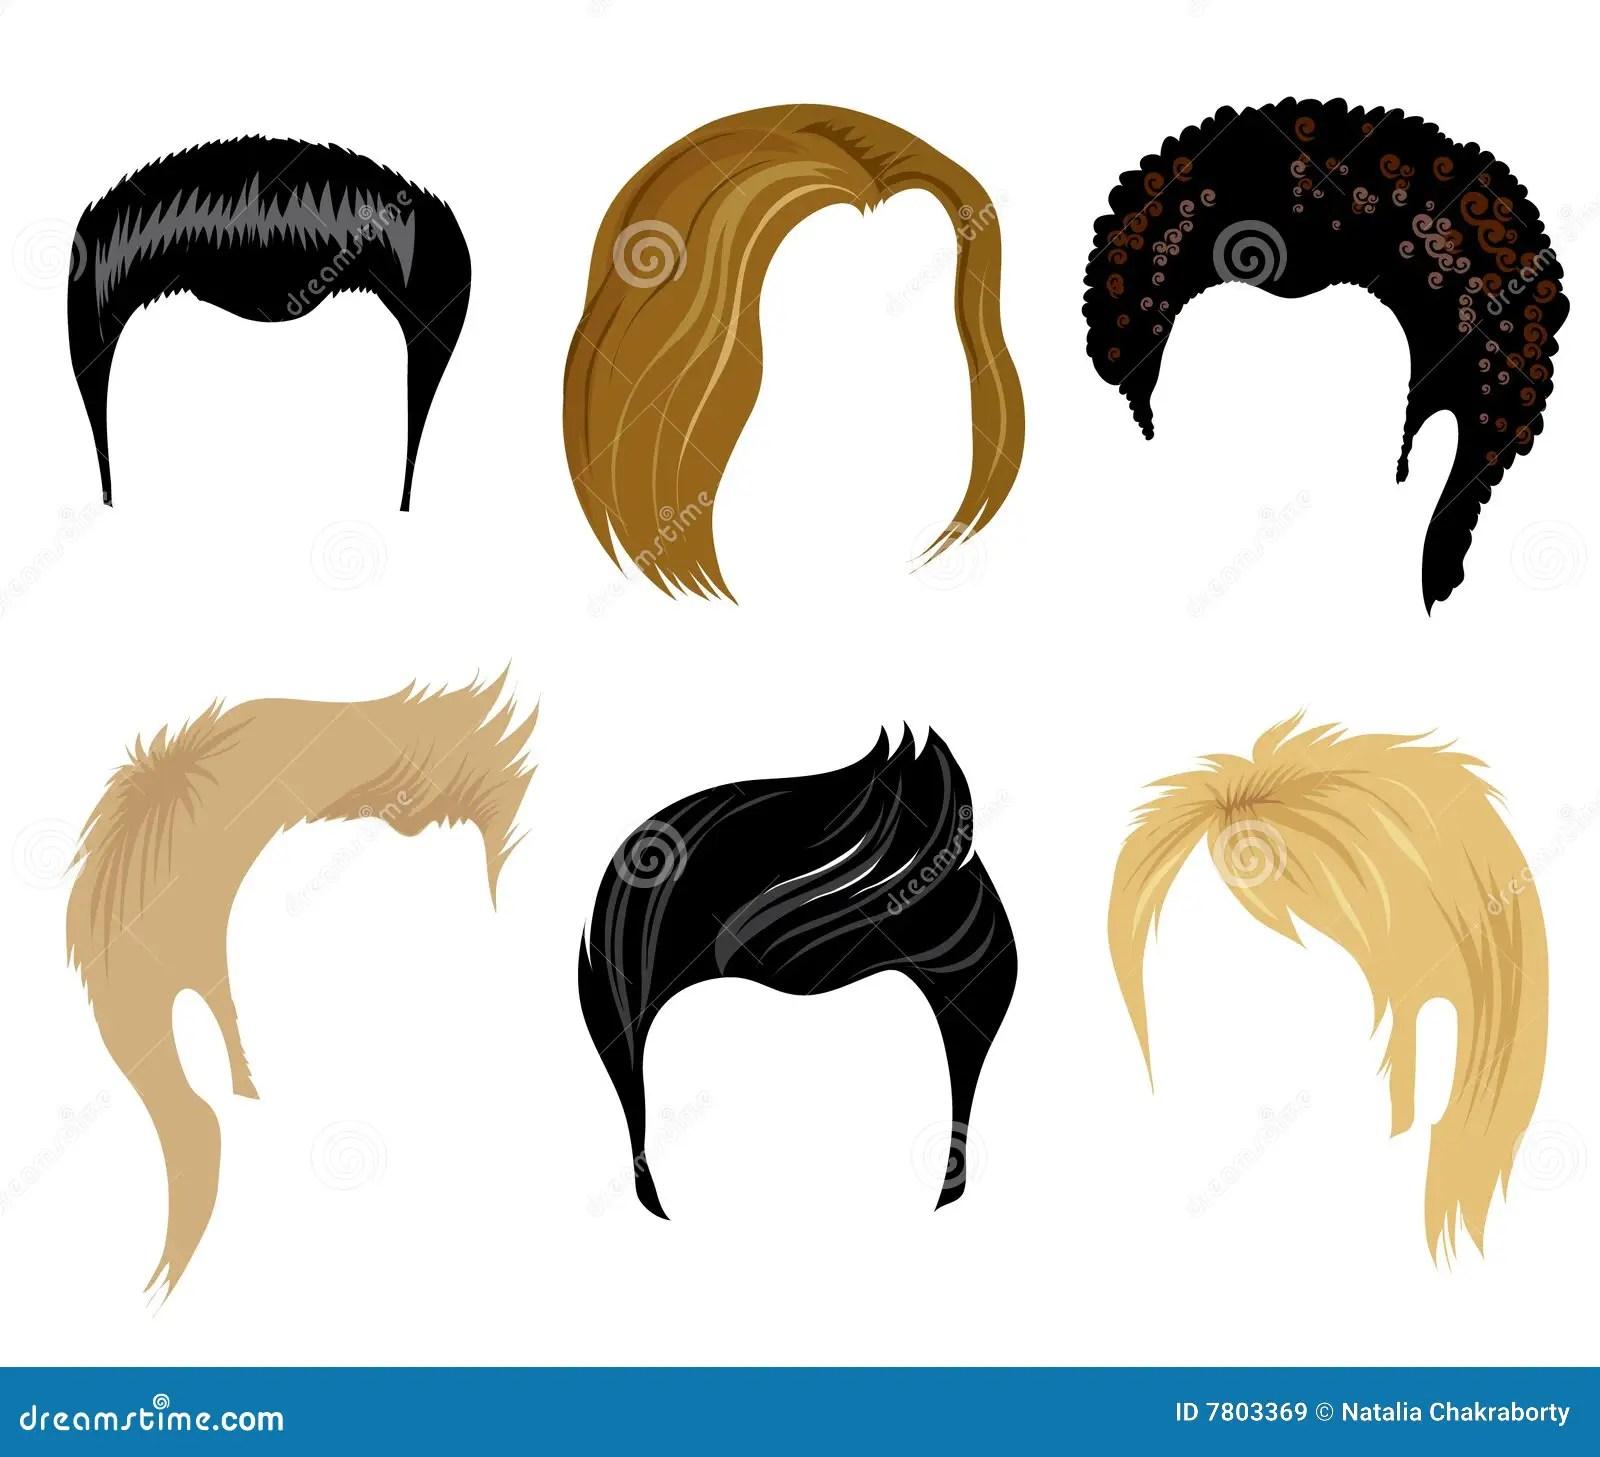 Het Stileren Van Het Haar Voor De Mens Vector Illustratie